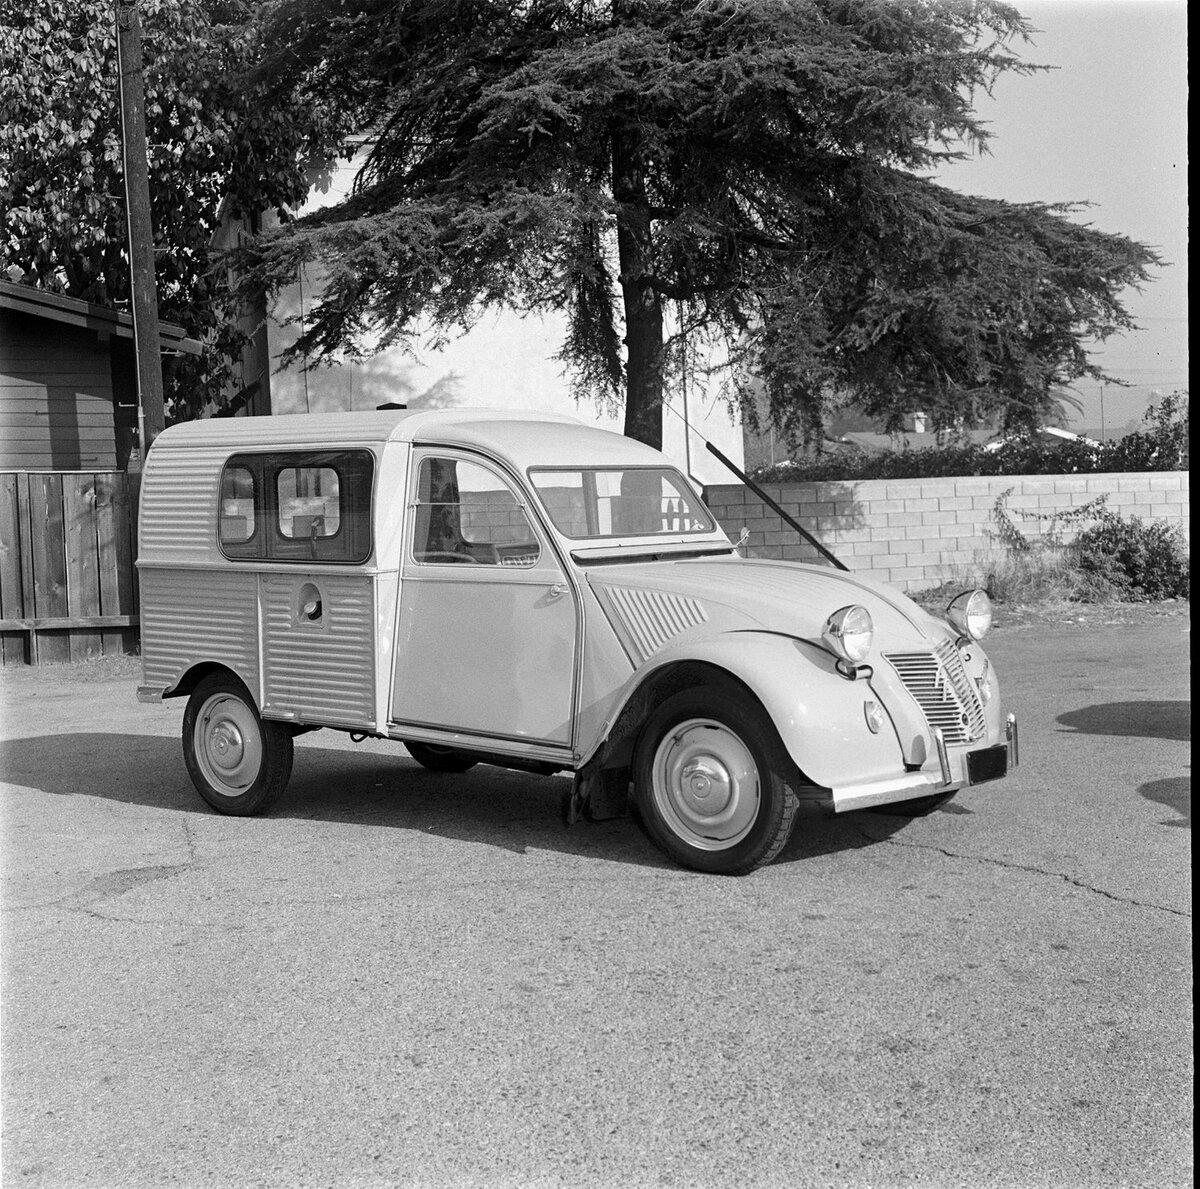 Citroen 2CV Fourgonnette - Фургон для бедных французских фермеров история